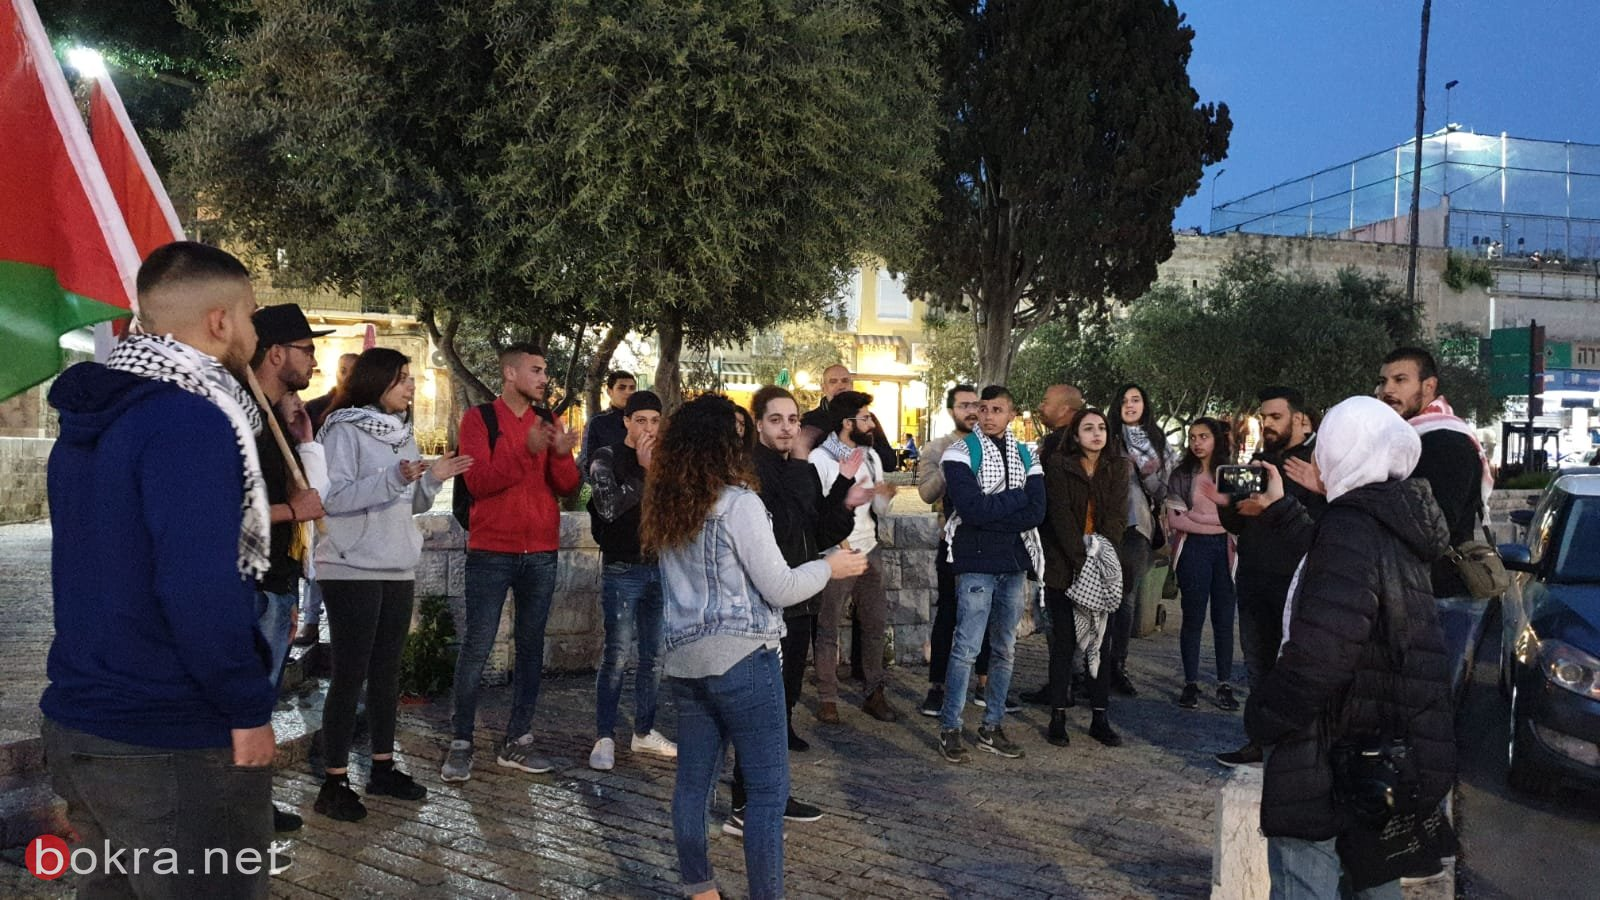 ابناء البلد تتضامن مع الاسرى في السجون بمظاهرة احتجاجية في الناصرة